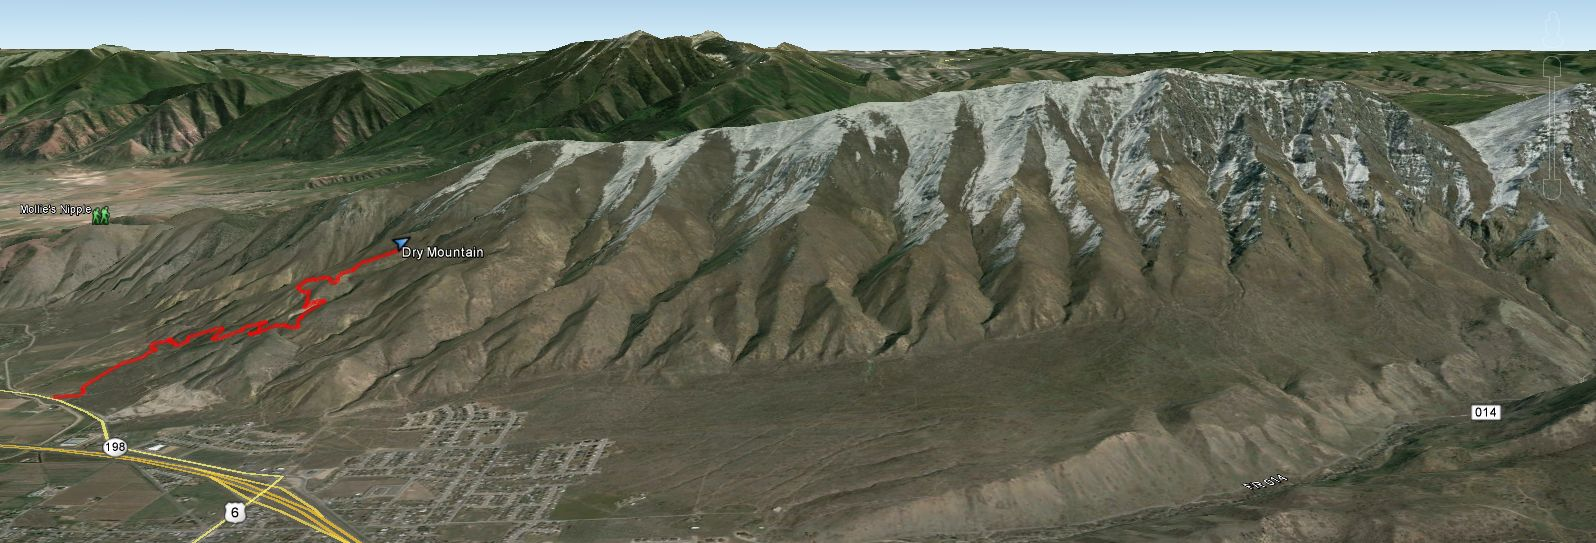 Dry Mountain